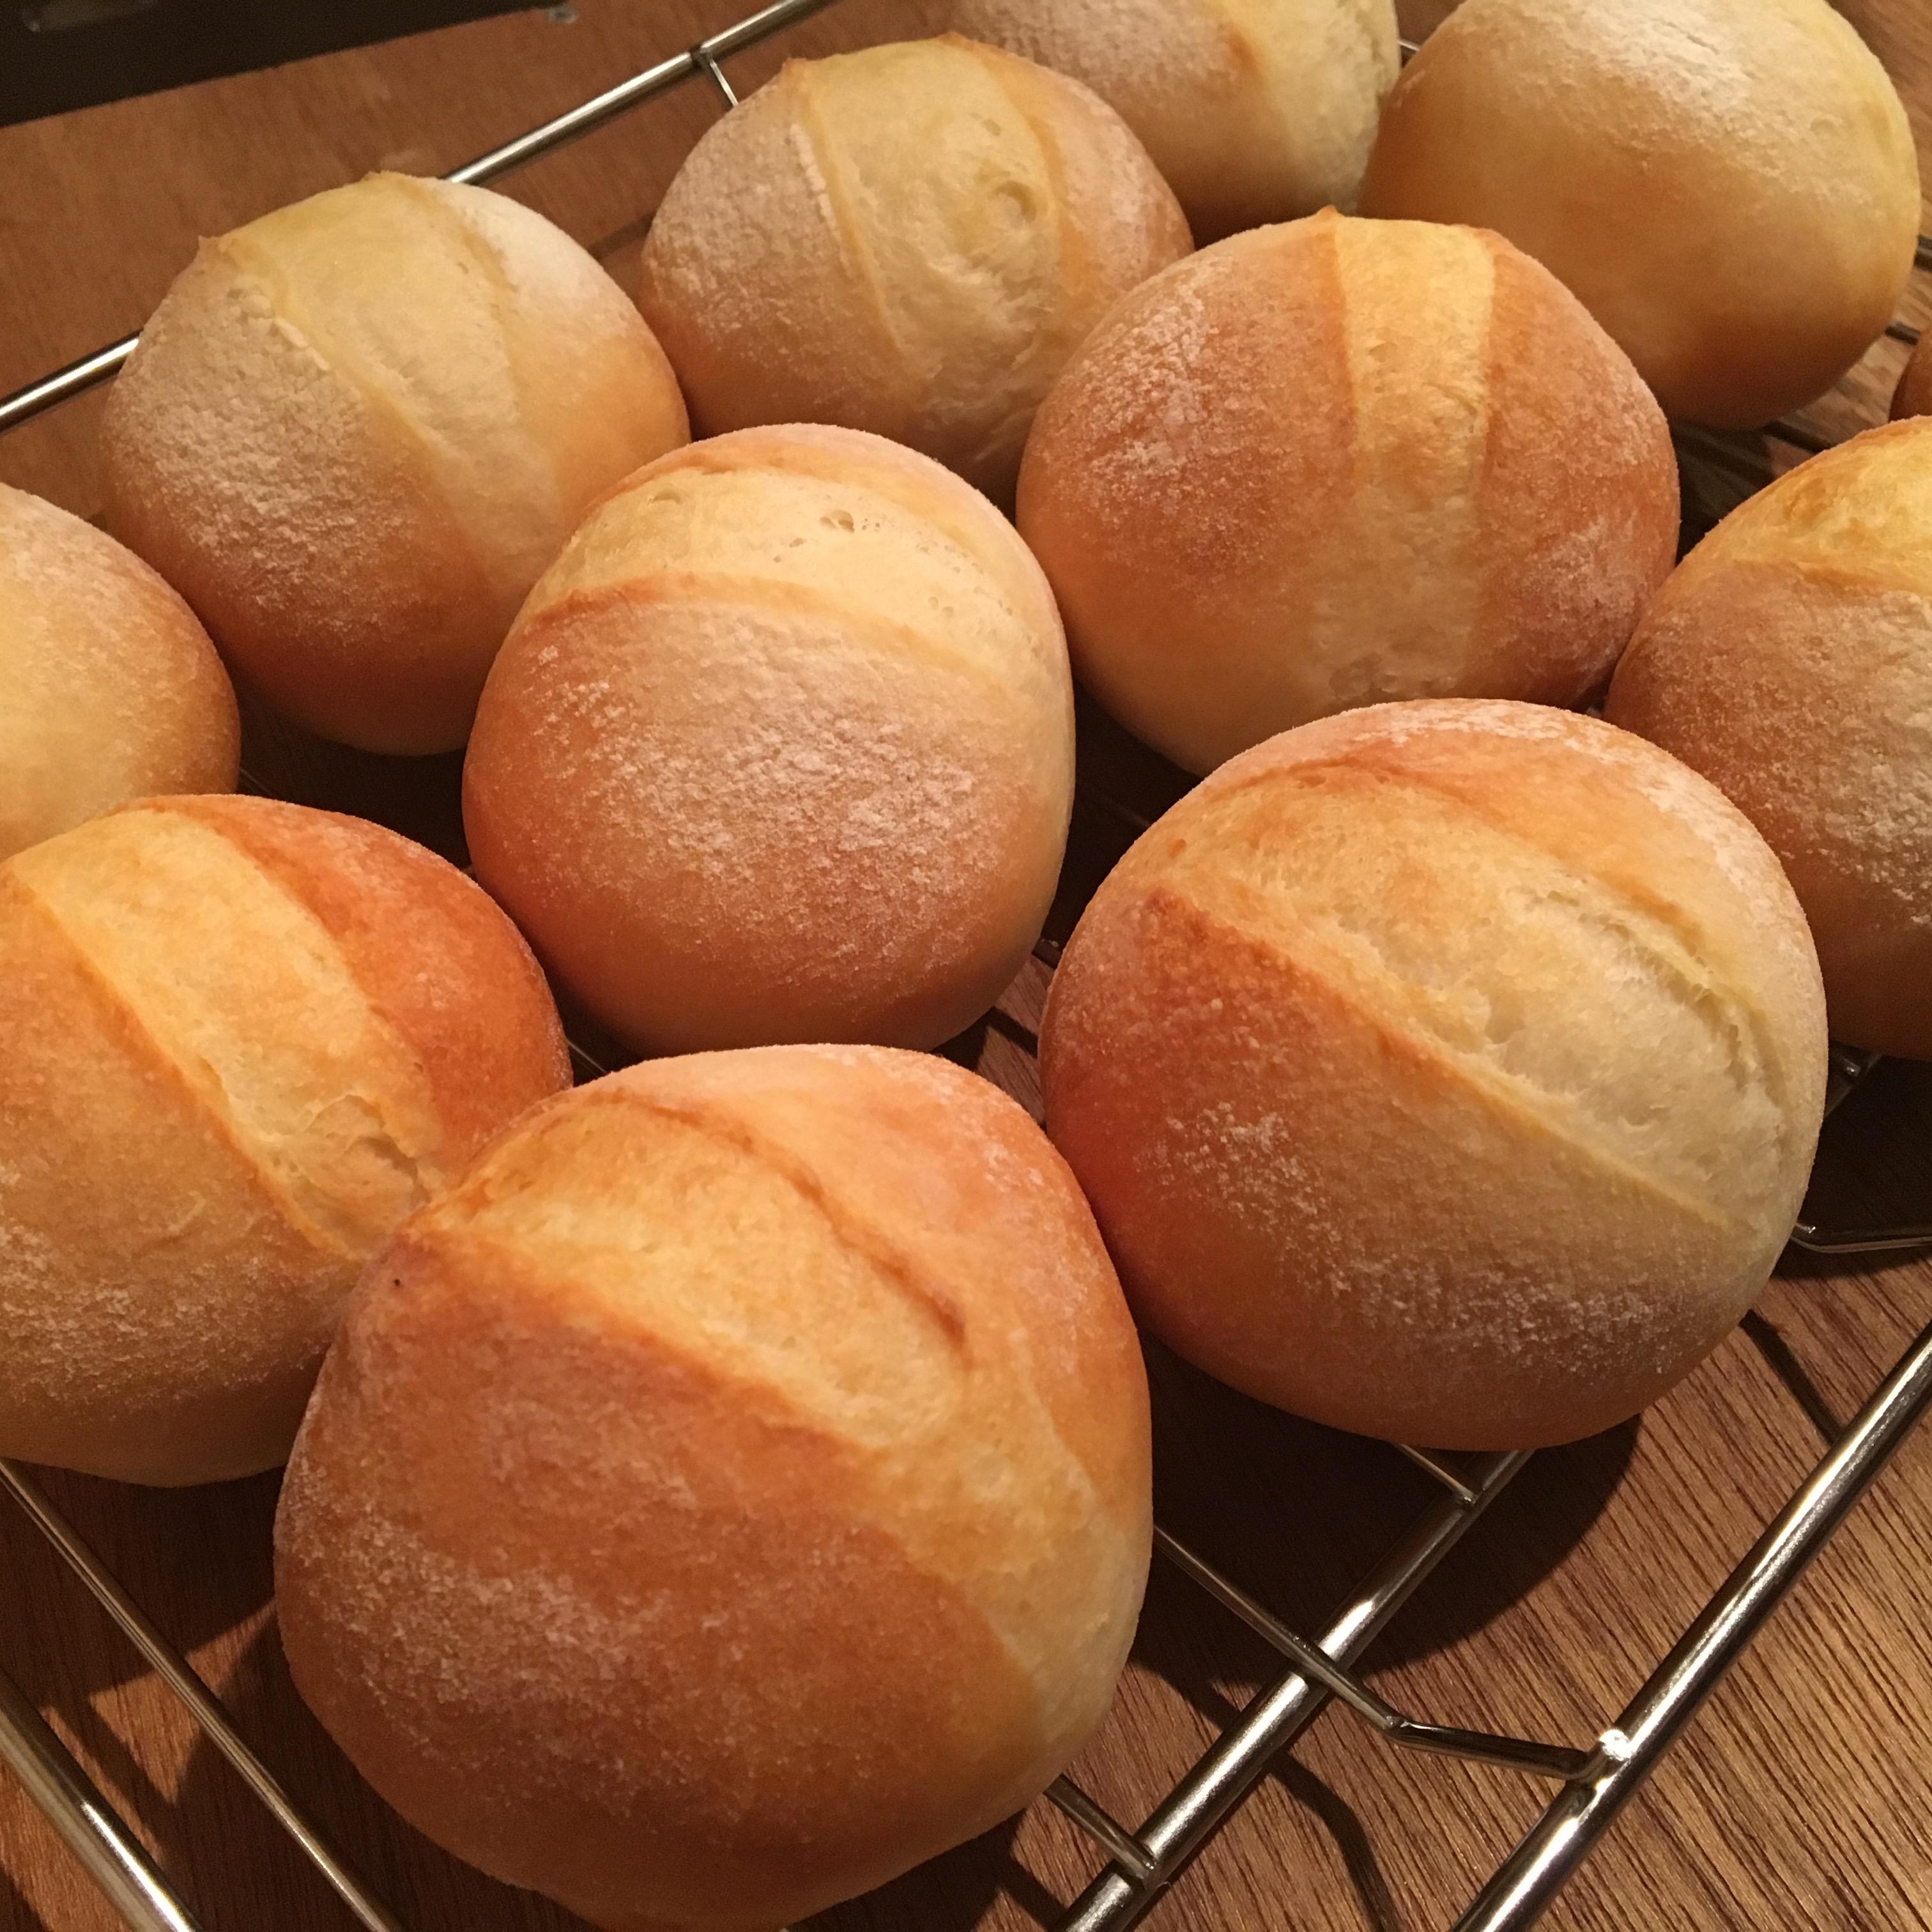 基本のリーンなパン